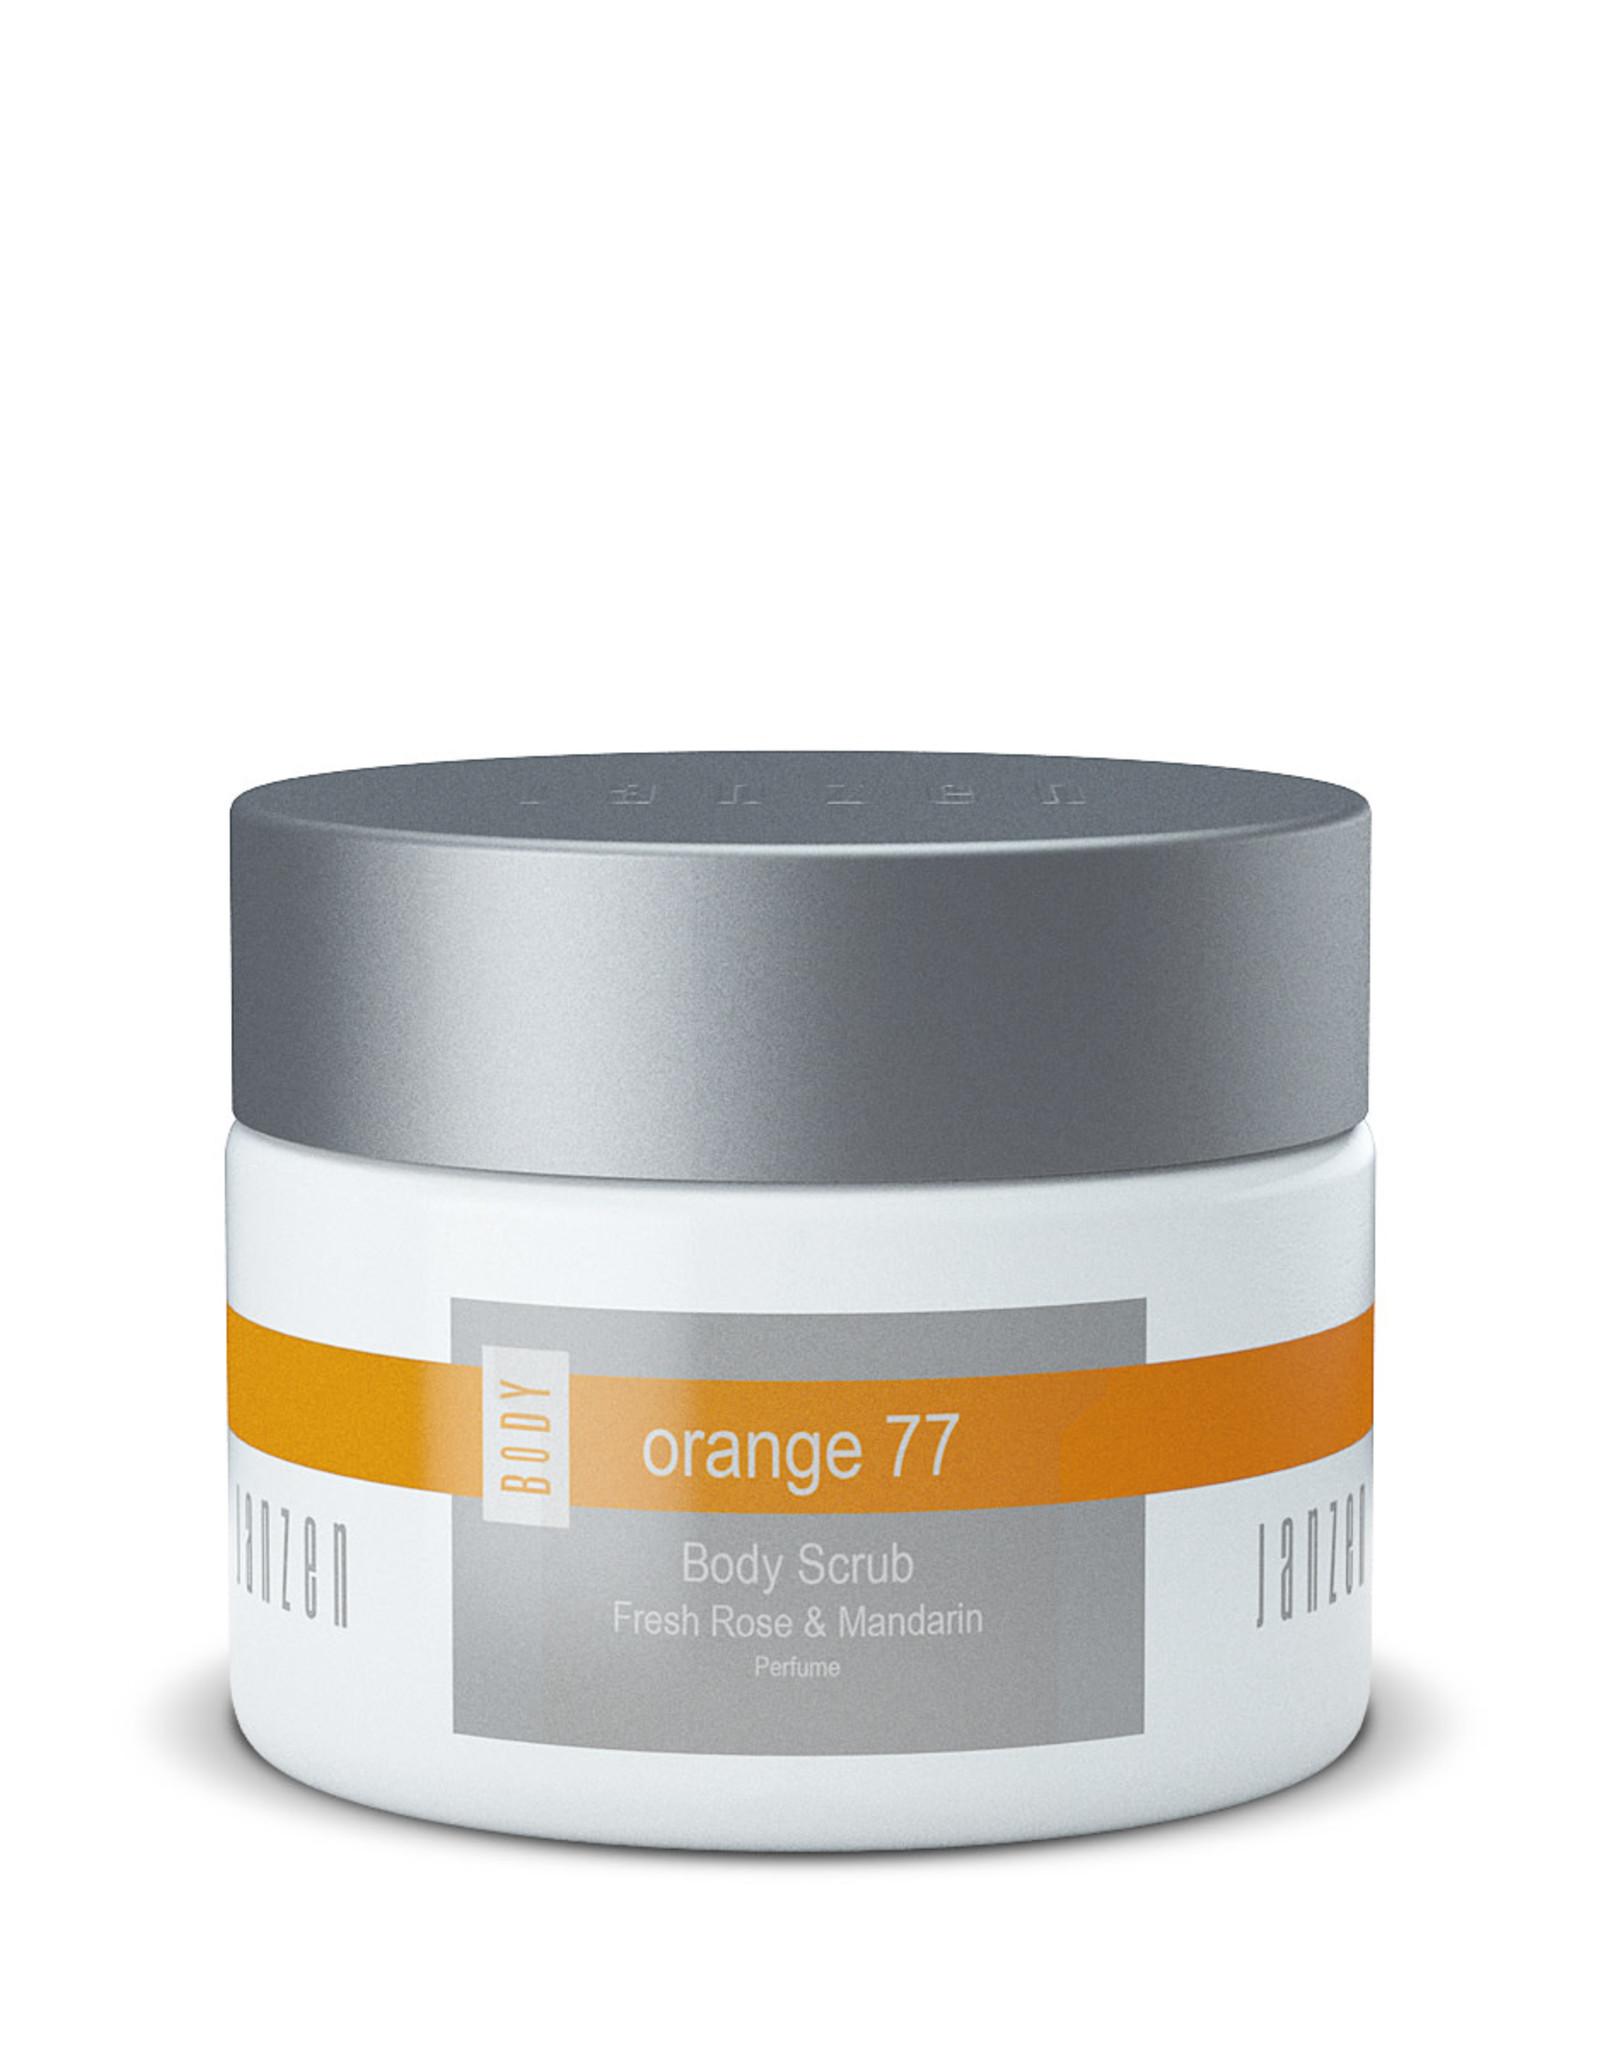 JANZEN Body Scrub Orange 77 420gr - JANZEN